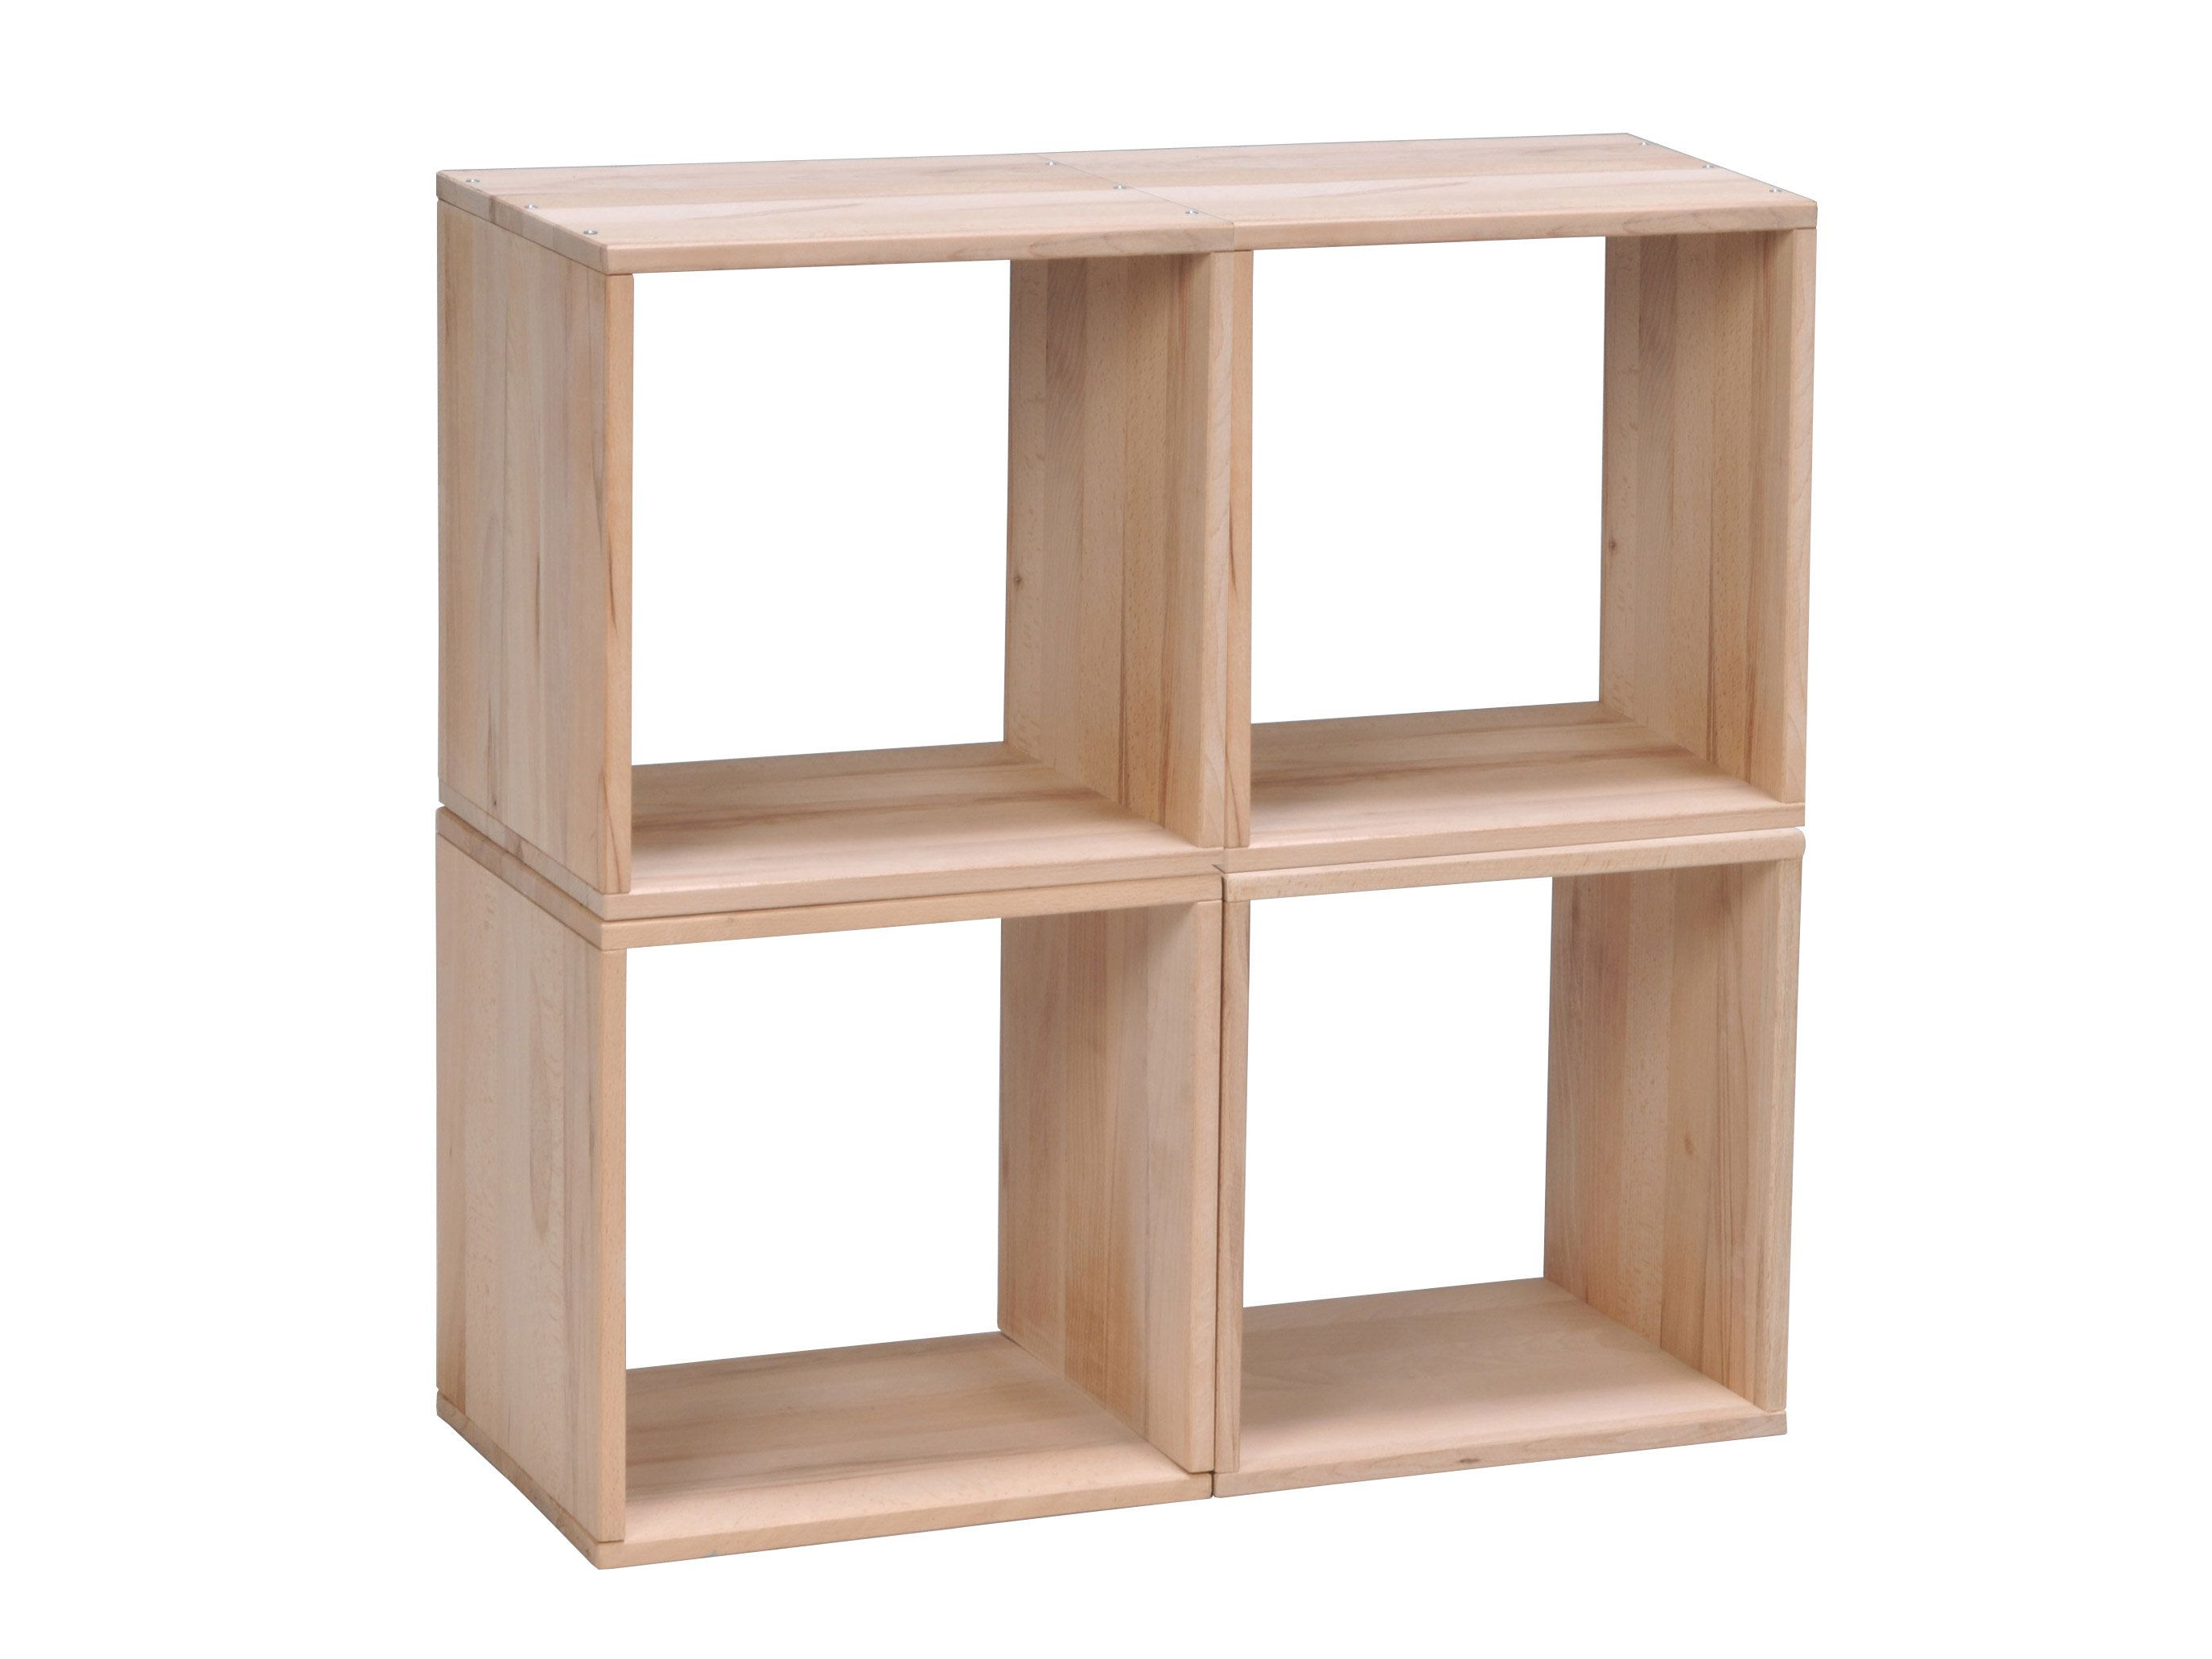 Cubes Modulables Hetre Massif Finition Brut Dimensions Longueur 36 Cm Profondeur 28 Cm Hauteur 3 Deep Bookcase Small Bedroom Decor Diy Projects Small